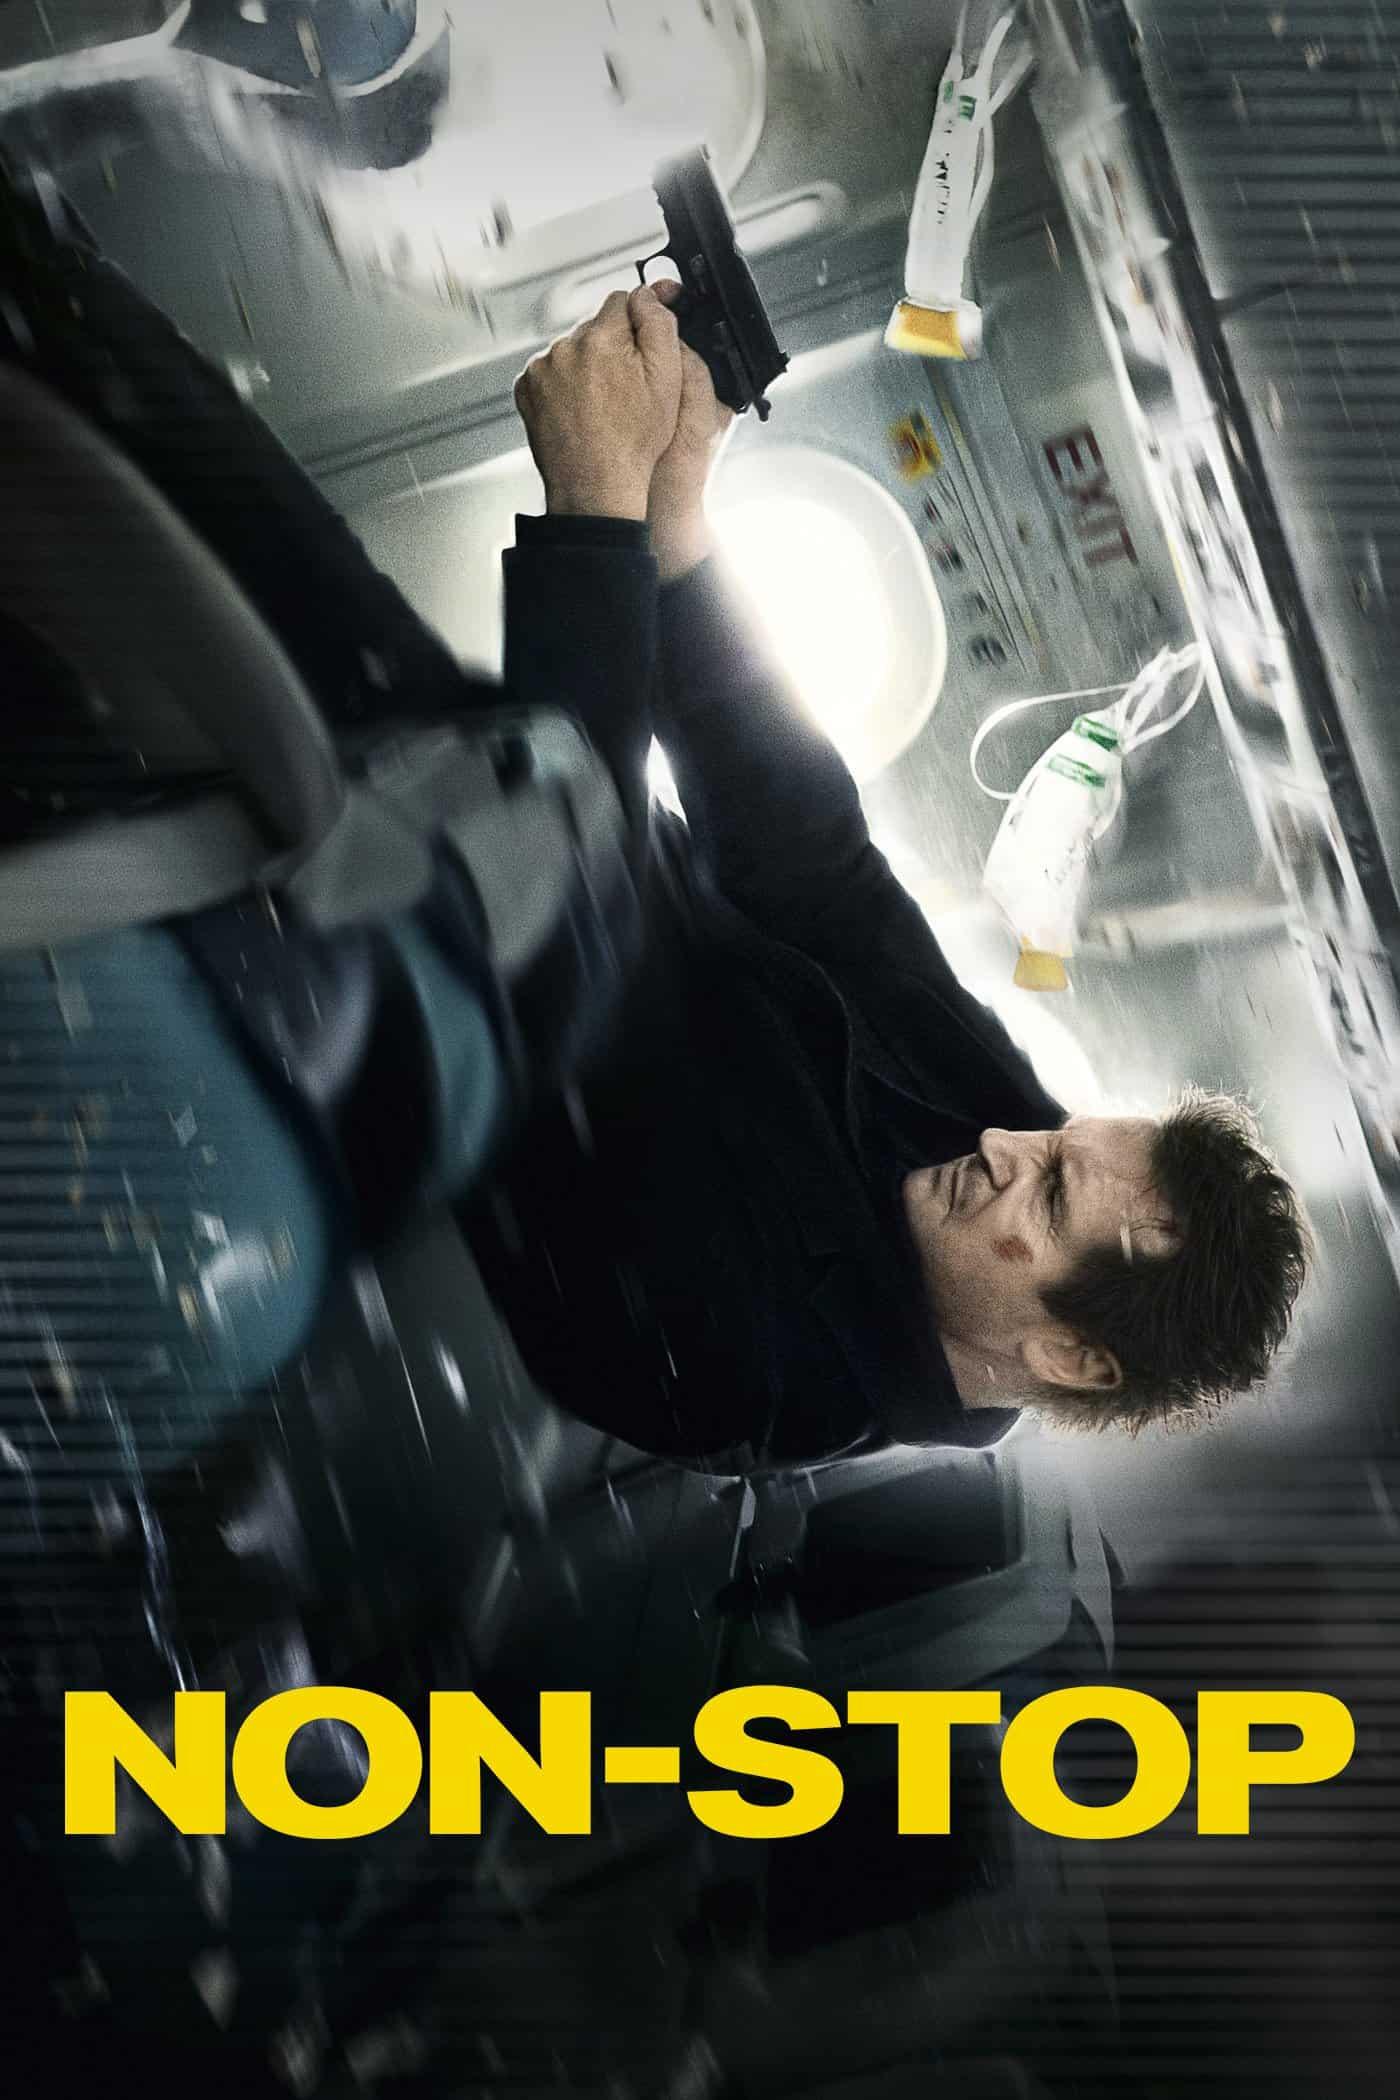 Non-Stop, 2014